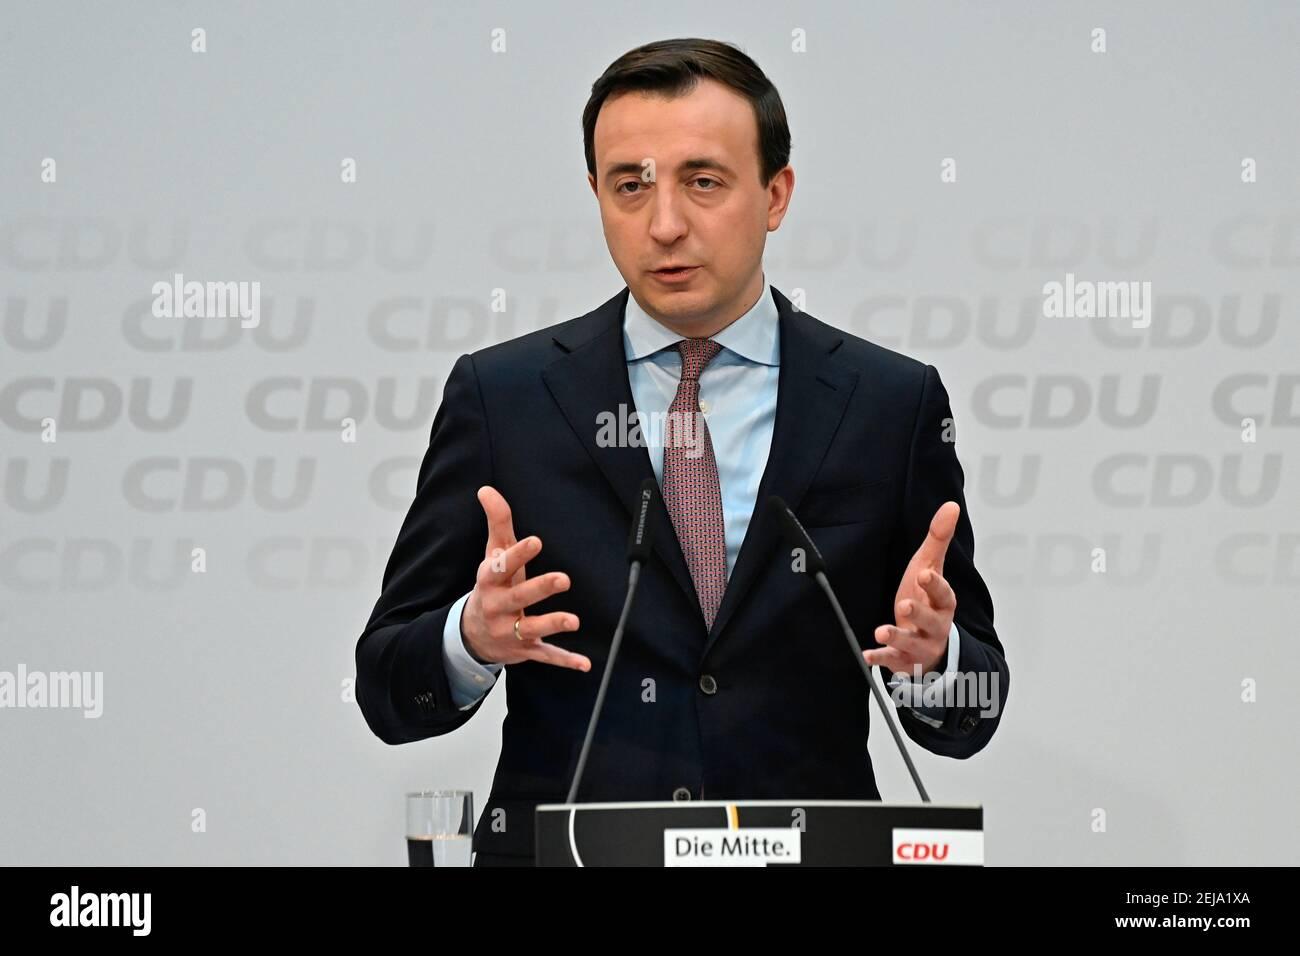 Le secrétaire général de l'Union chrétienne-démocrate (CDU), Paul Ziemiak, prend la parole lors d'une conférence de presse après une réunion de direction du parti, à Berlin, en Allemagne, le 22 février 2021. Tobias Schwarz/Pool via REUTERS Banque D'Images